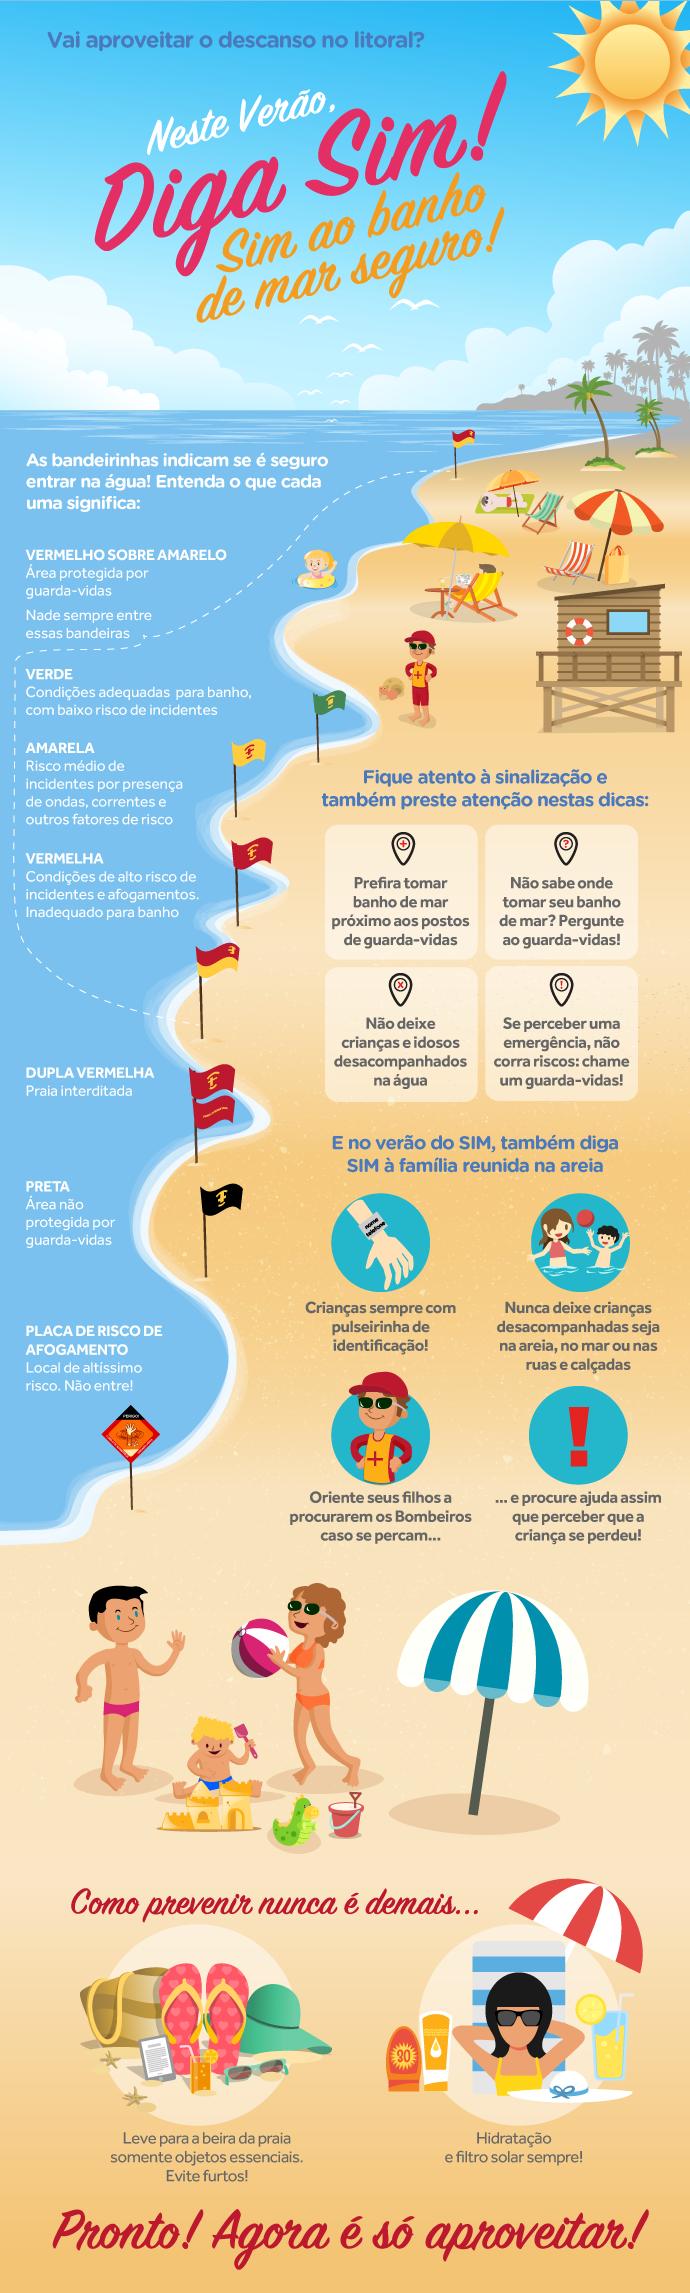 Estúdio C - Governo do Paraná - Diga sim ao banho de mar seguro (Foto: Governo do Paraná)